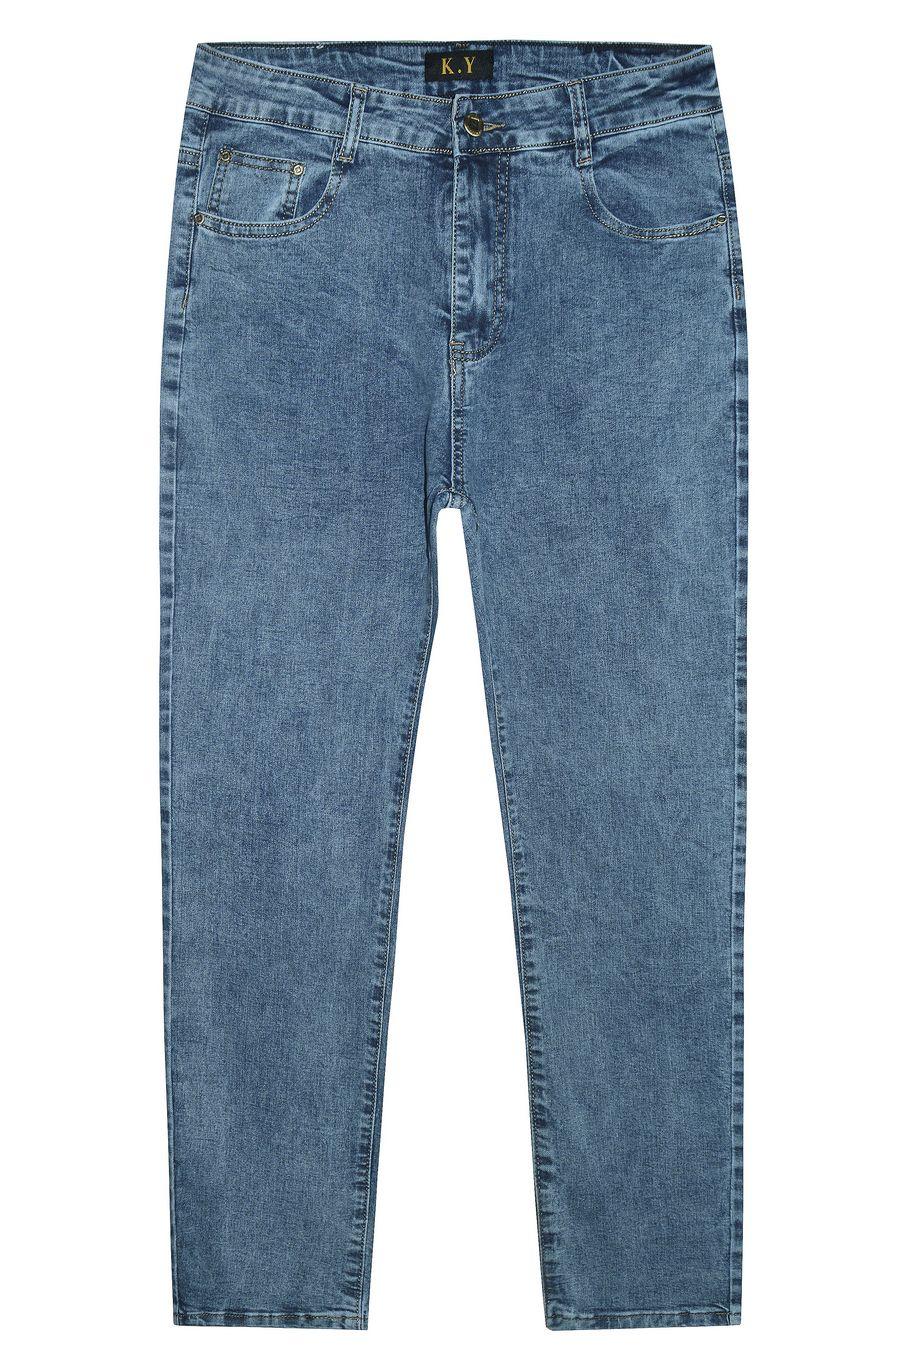 Джинсы женские K.Y Jeans LC612 - фото 1